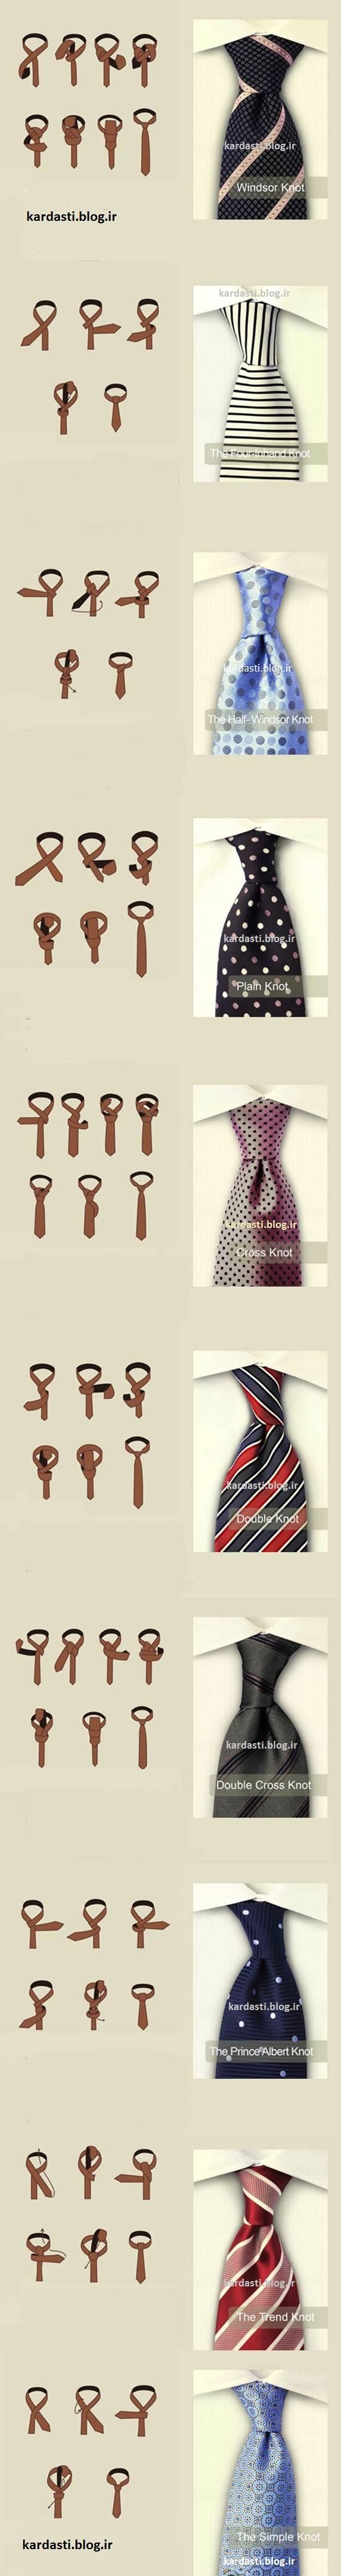 آموزش بستن کراوات با 10 روش مختلف